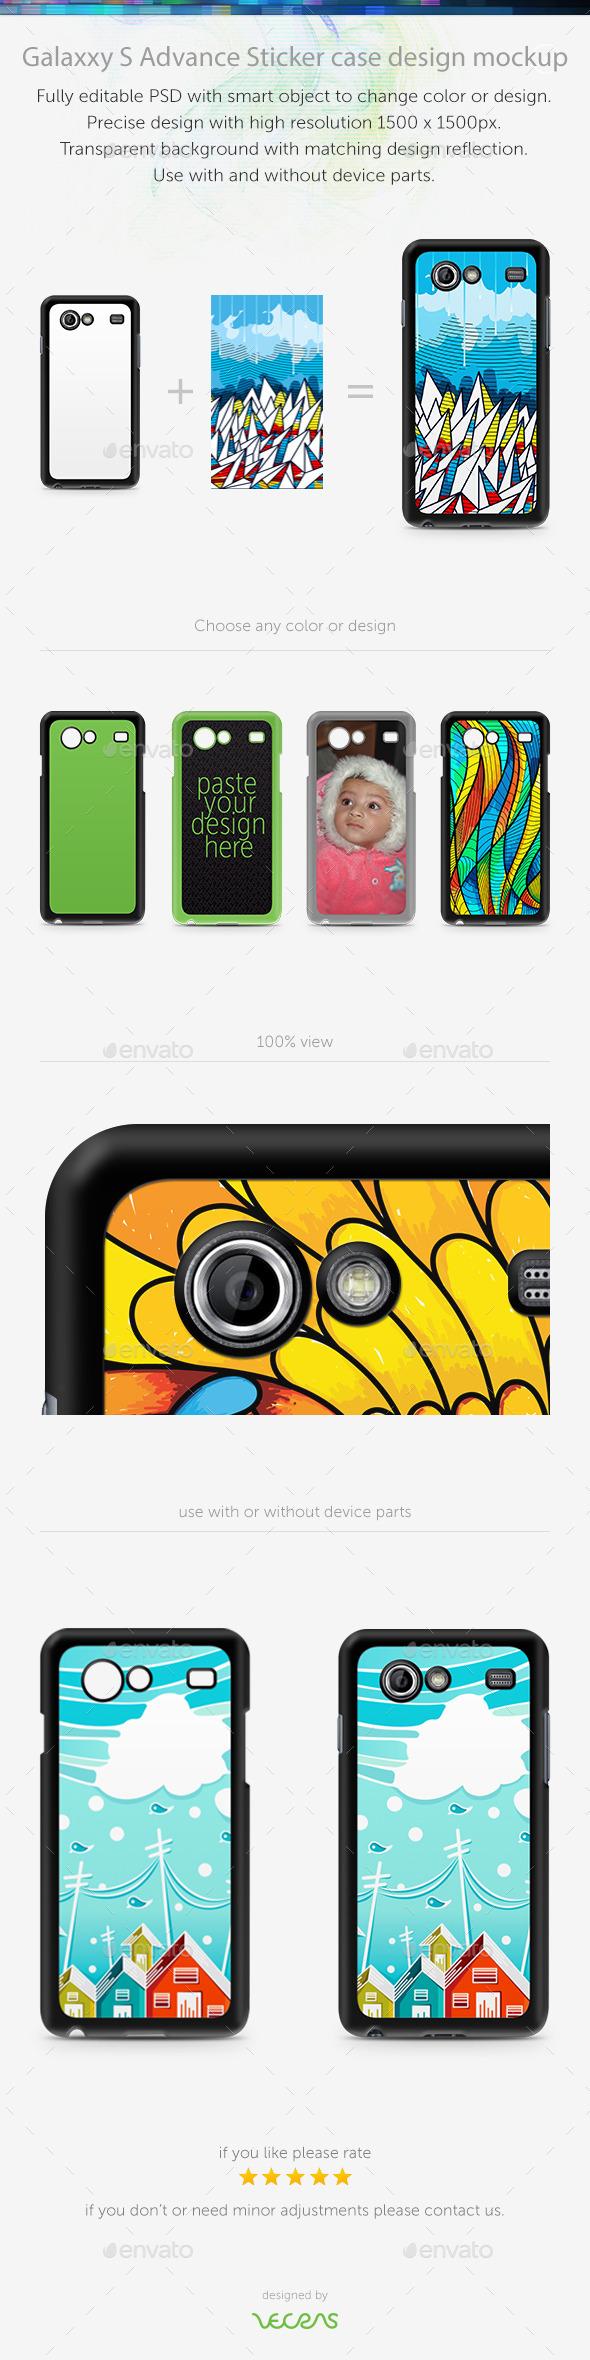 Galaxxy S Advance Sticker Case Design Mockup